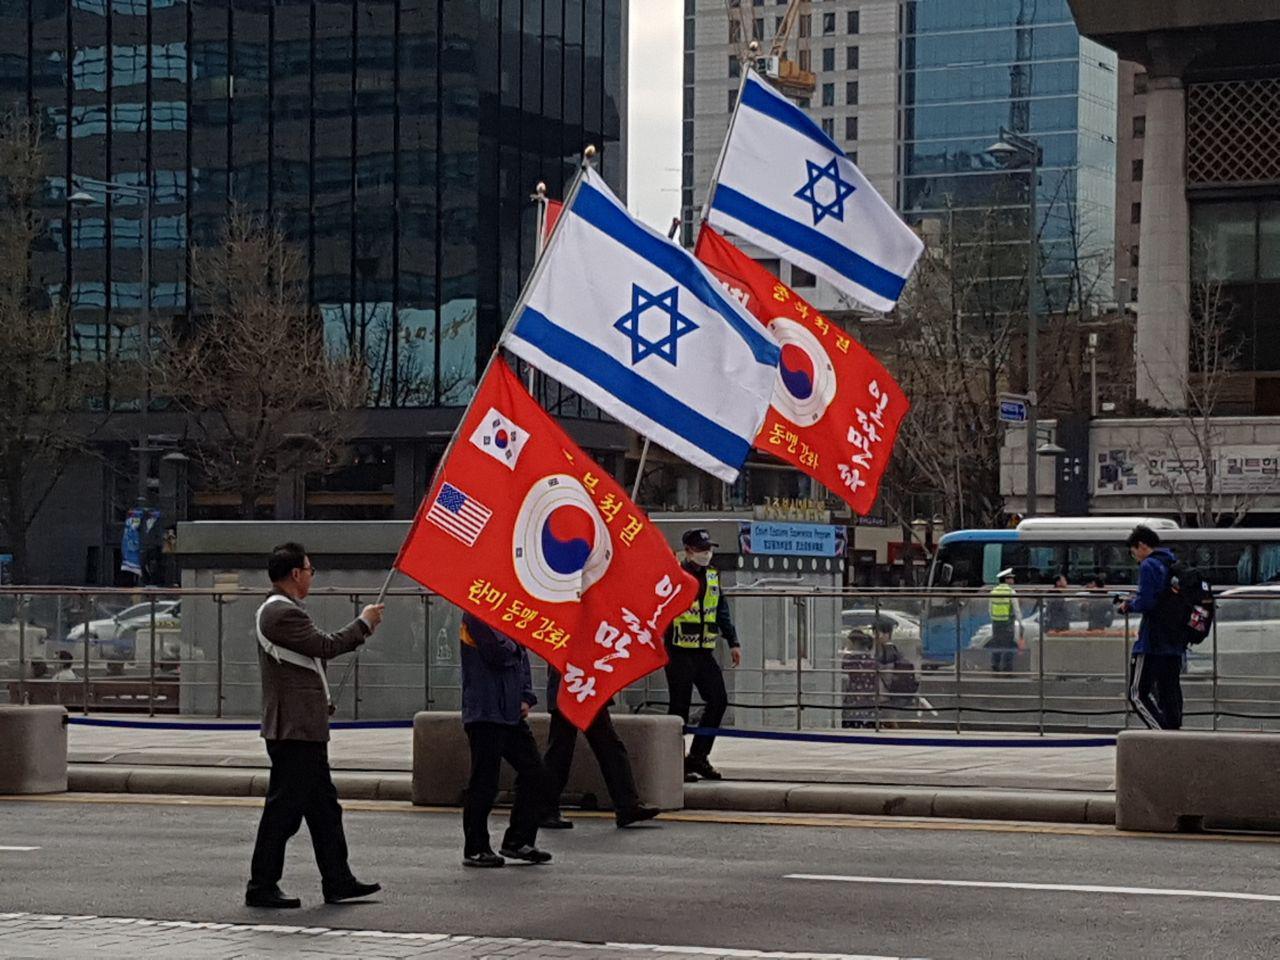 광화문광장 인근을 지나는 '애국보수집회' 집회 참가자들이 태극기와 성조기, 이스라엘국기가 그려진 깃발을 들며 행진하고 있다.